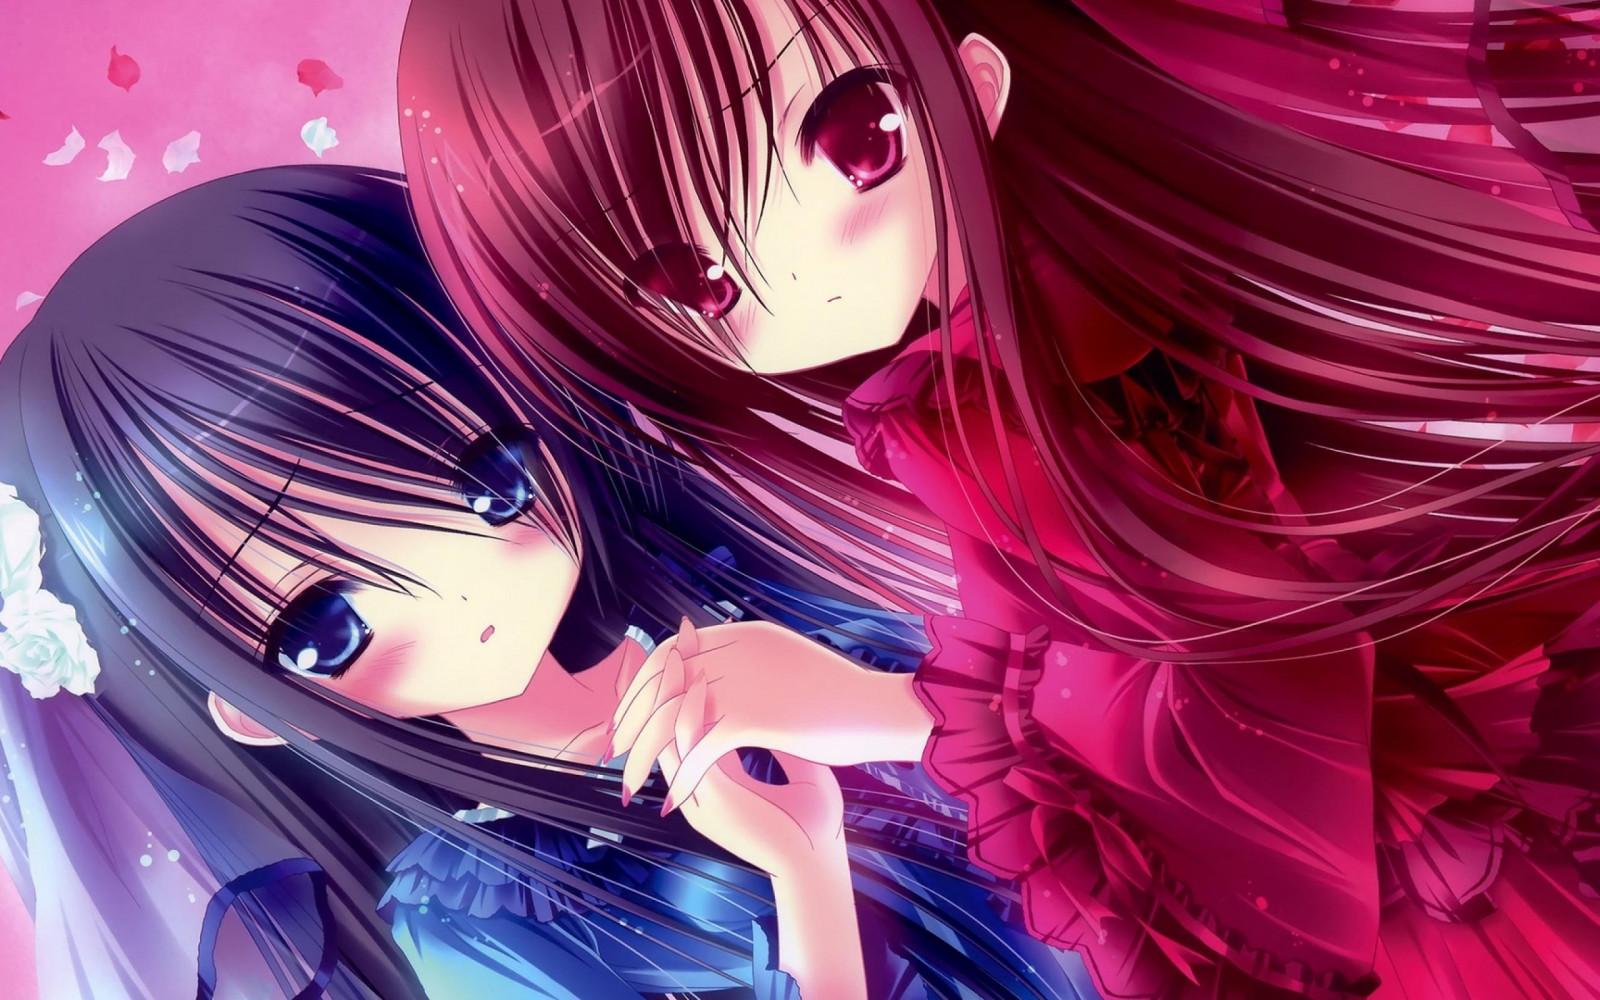 Месяца, самые красивые картинки для девочек на обои